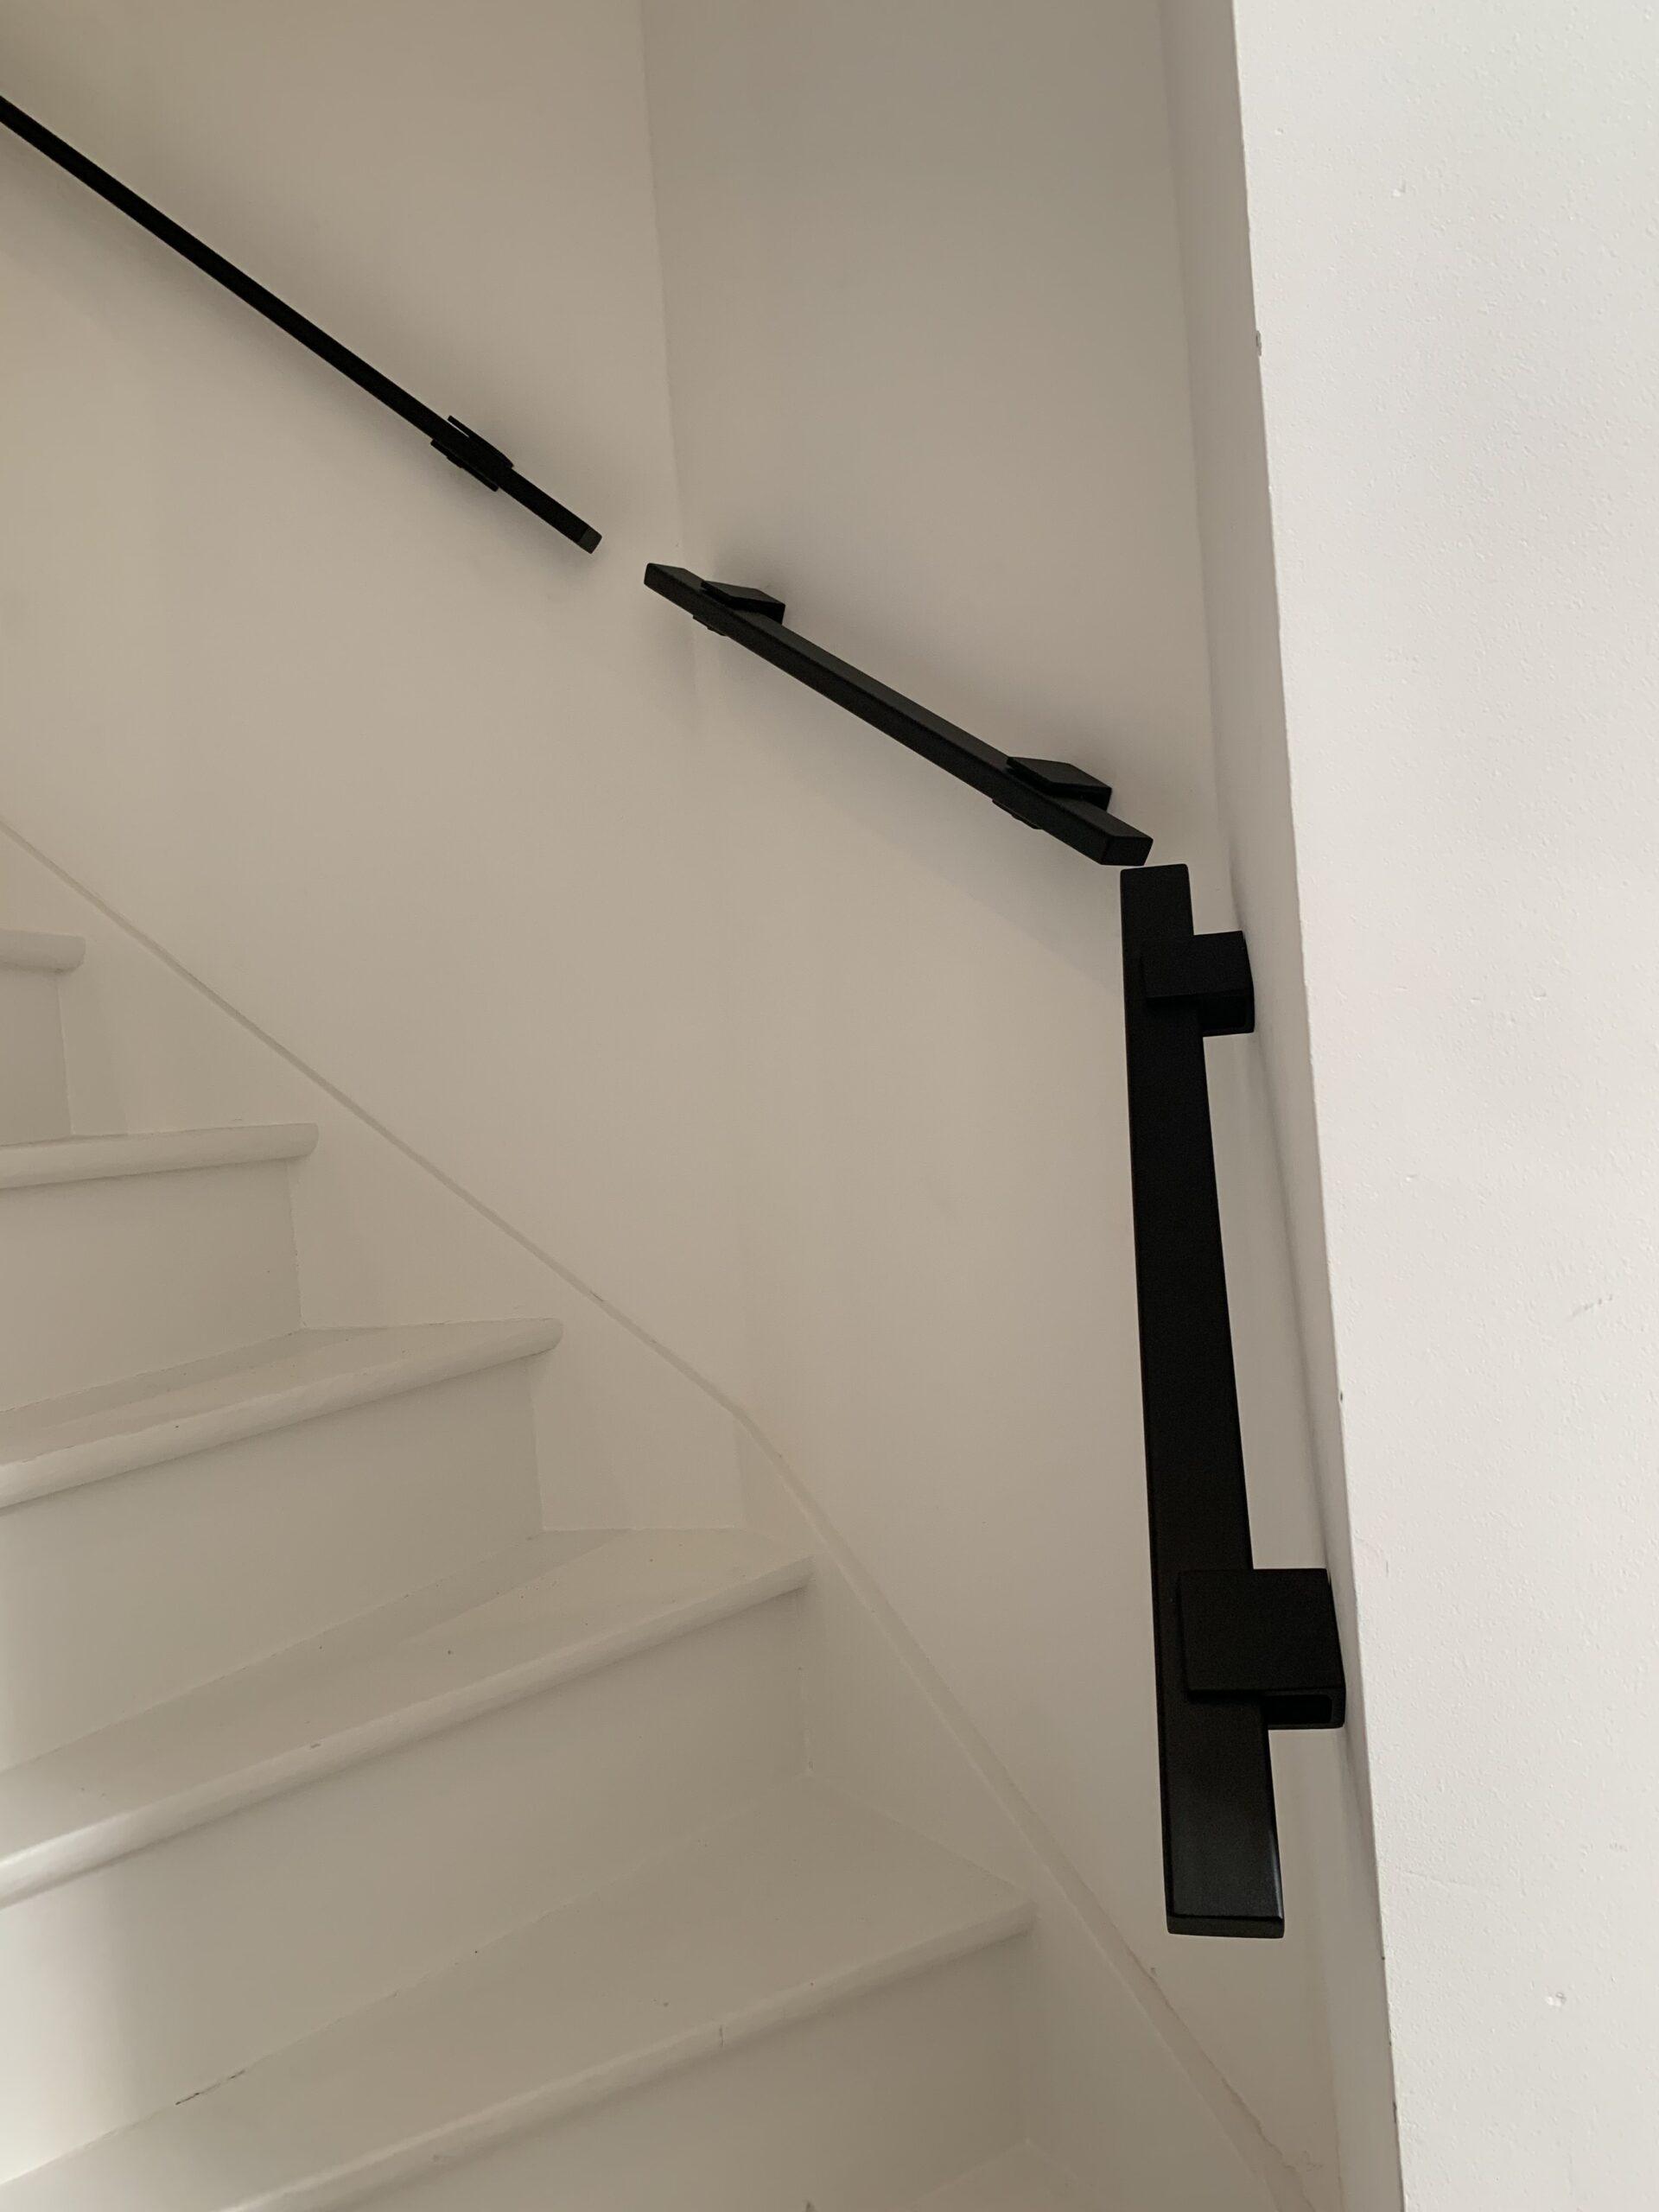 Aaneengesloten stalen trapleuningen op maat gemaakt